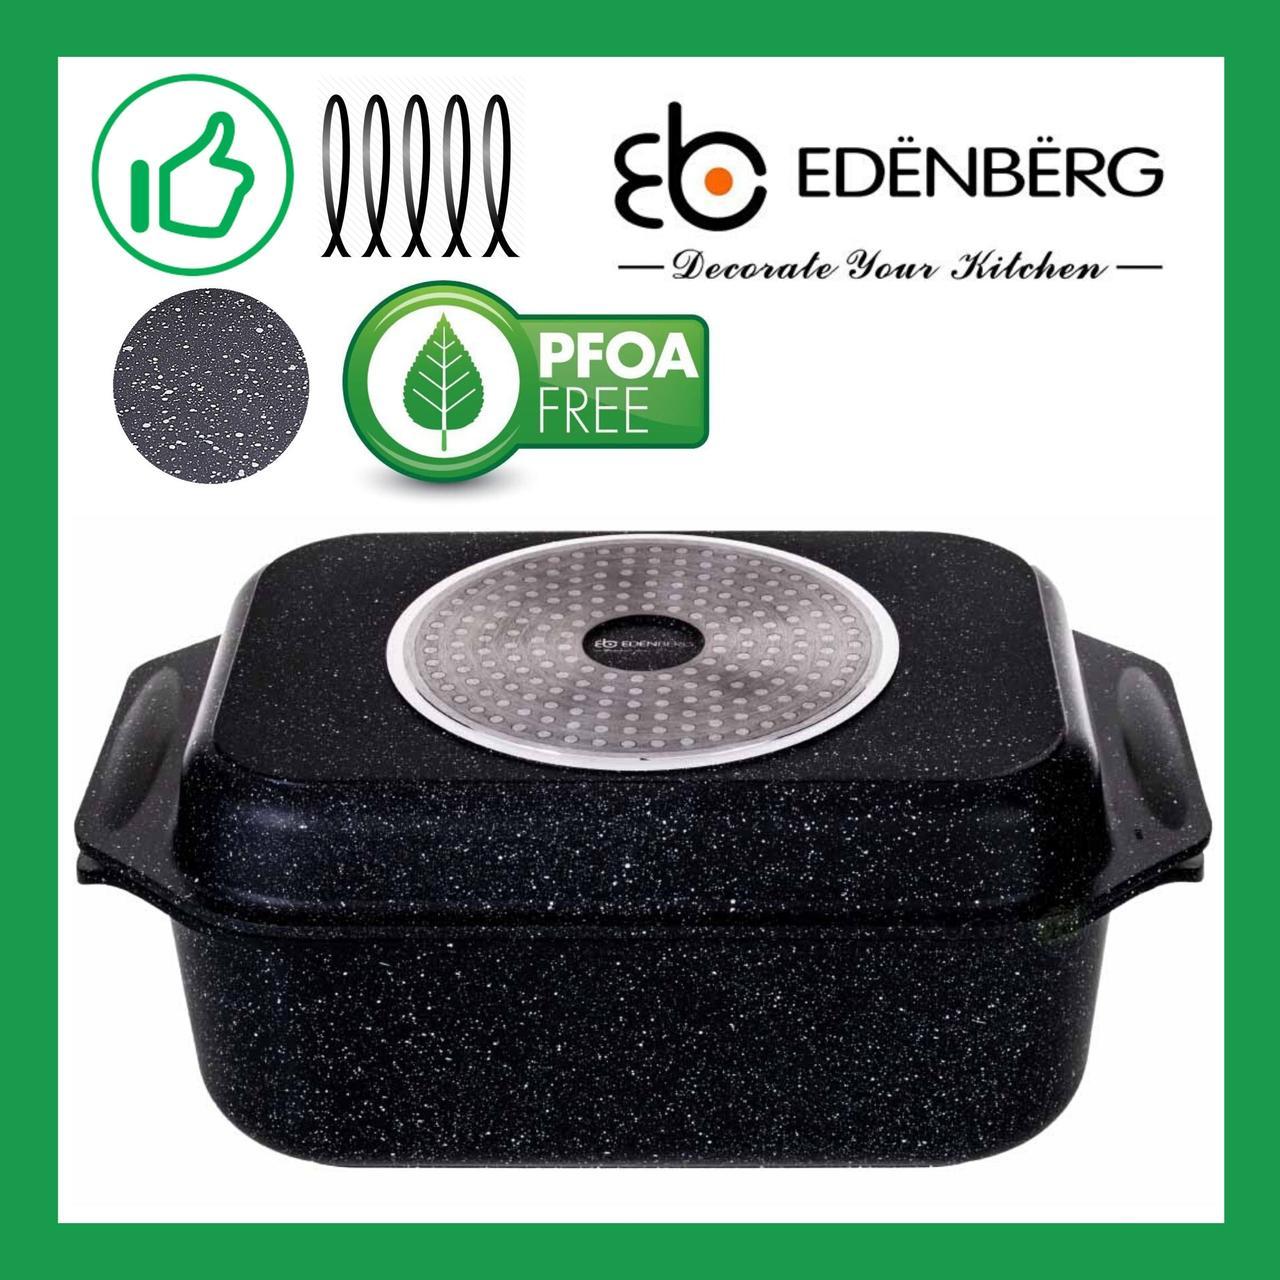 Гусятница литая антипригарная с крышкой Edenberg 6.5 л (EB-4609)